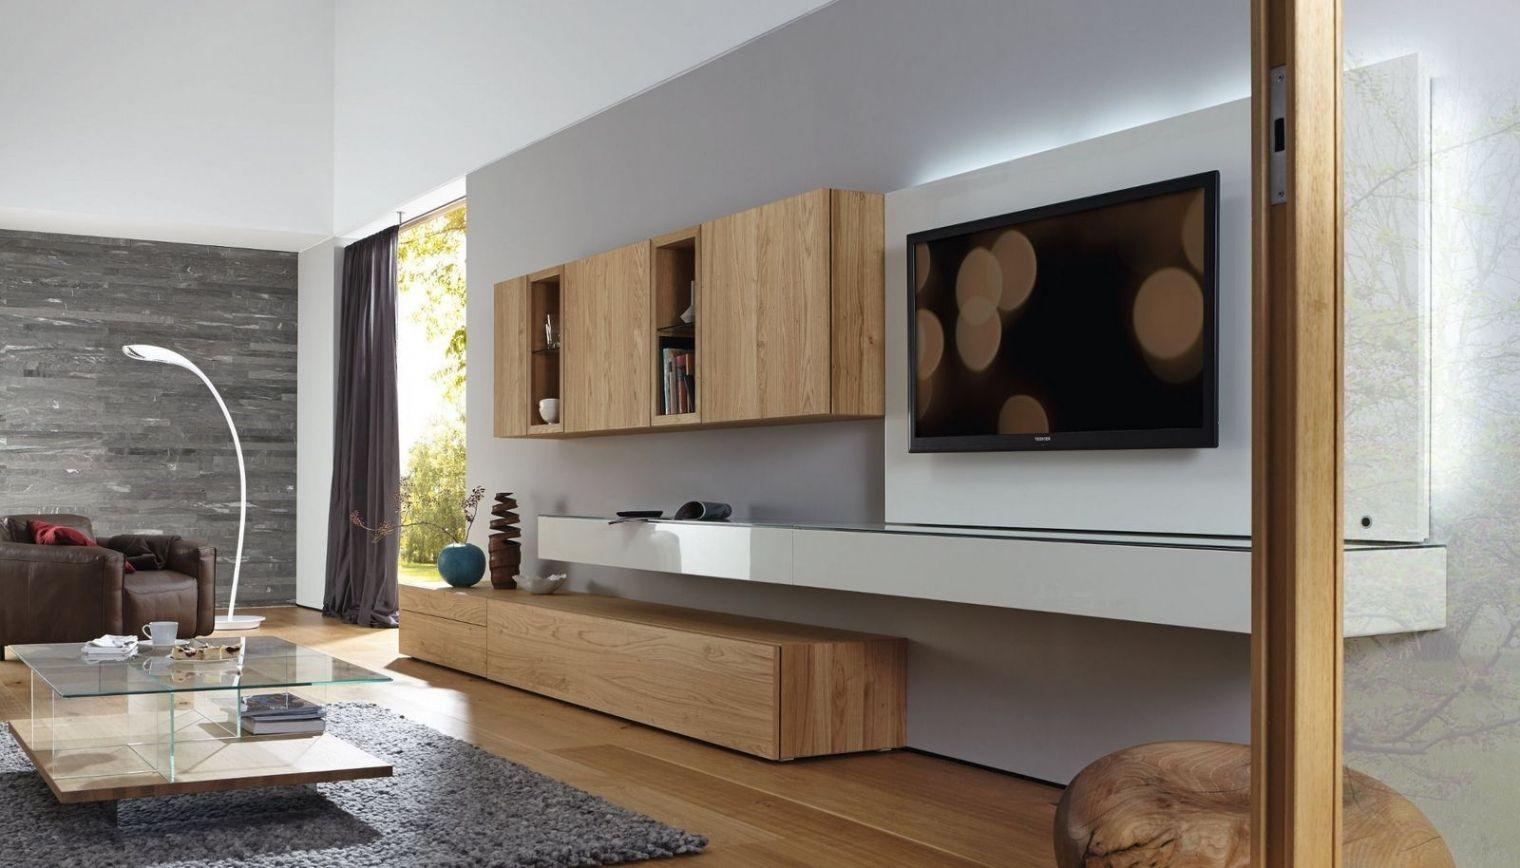 Stilvoll Wohnwand Modern Hülsta Wohnwand Eiche, Wohnwand Ideen, Hülsta  Wohnzimmer, Esszimmer Einrichten,